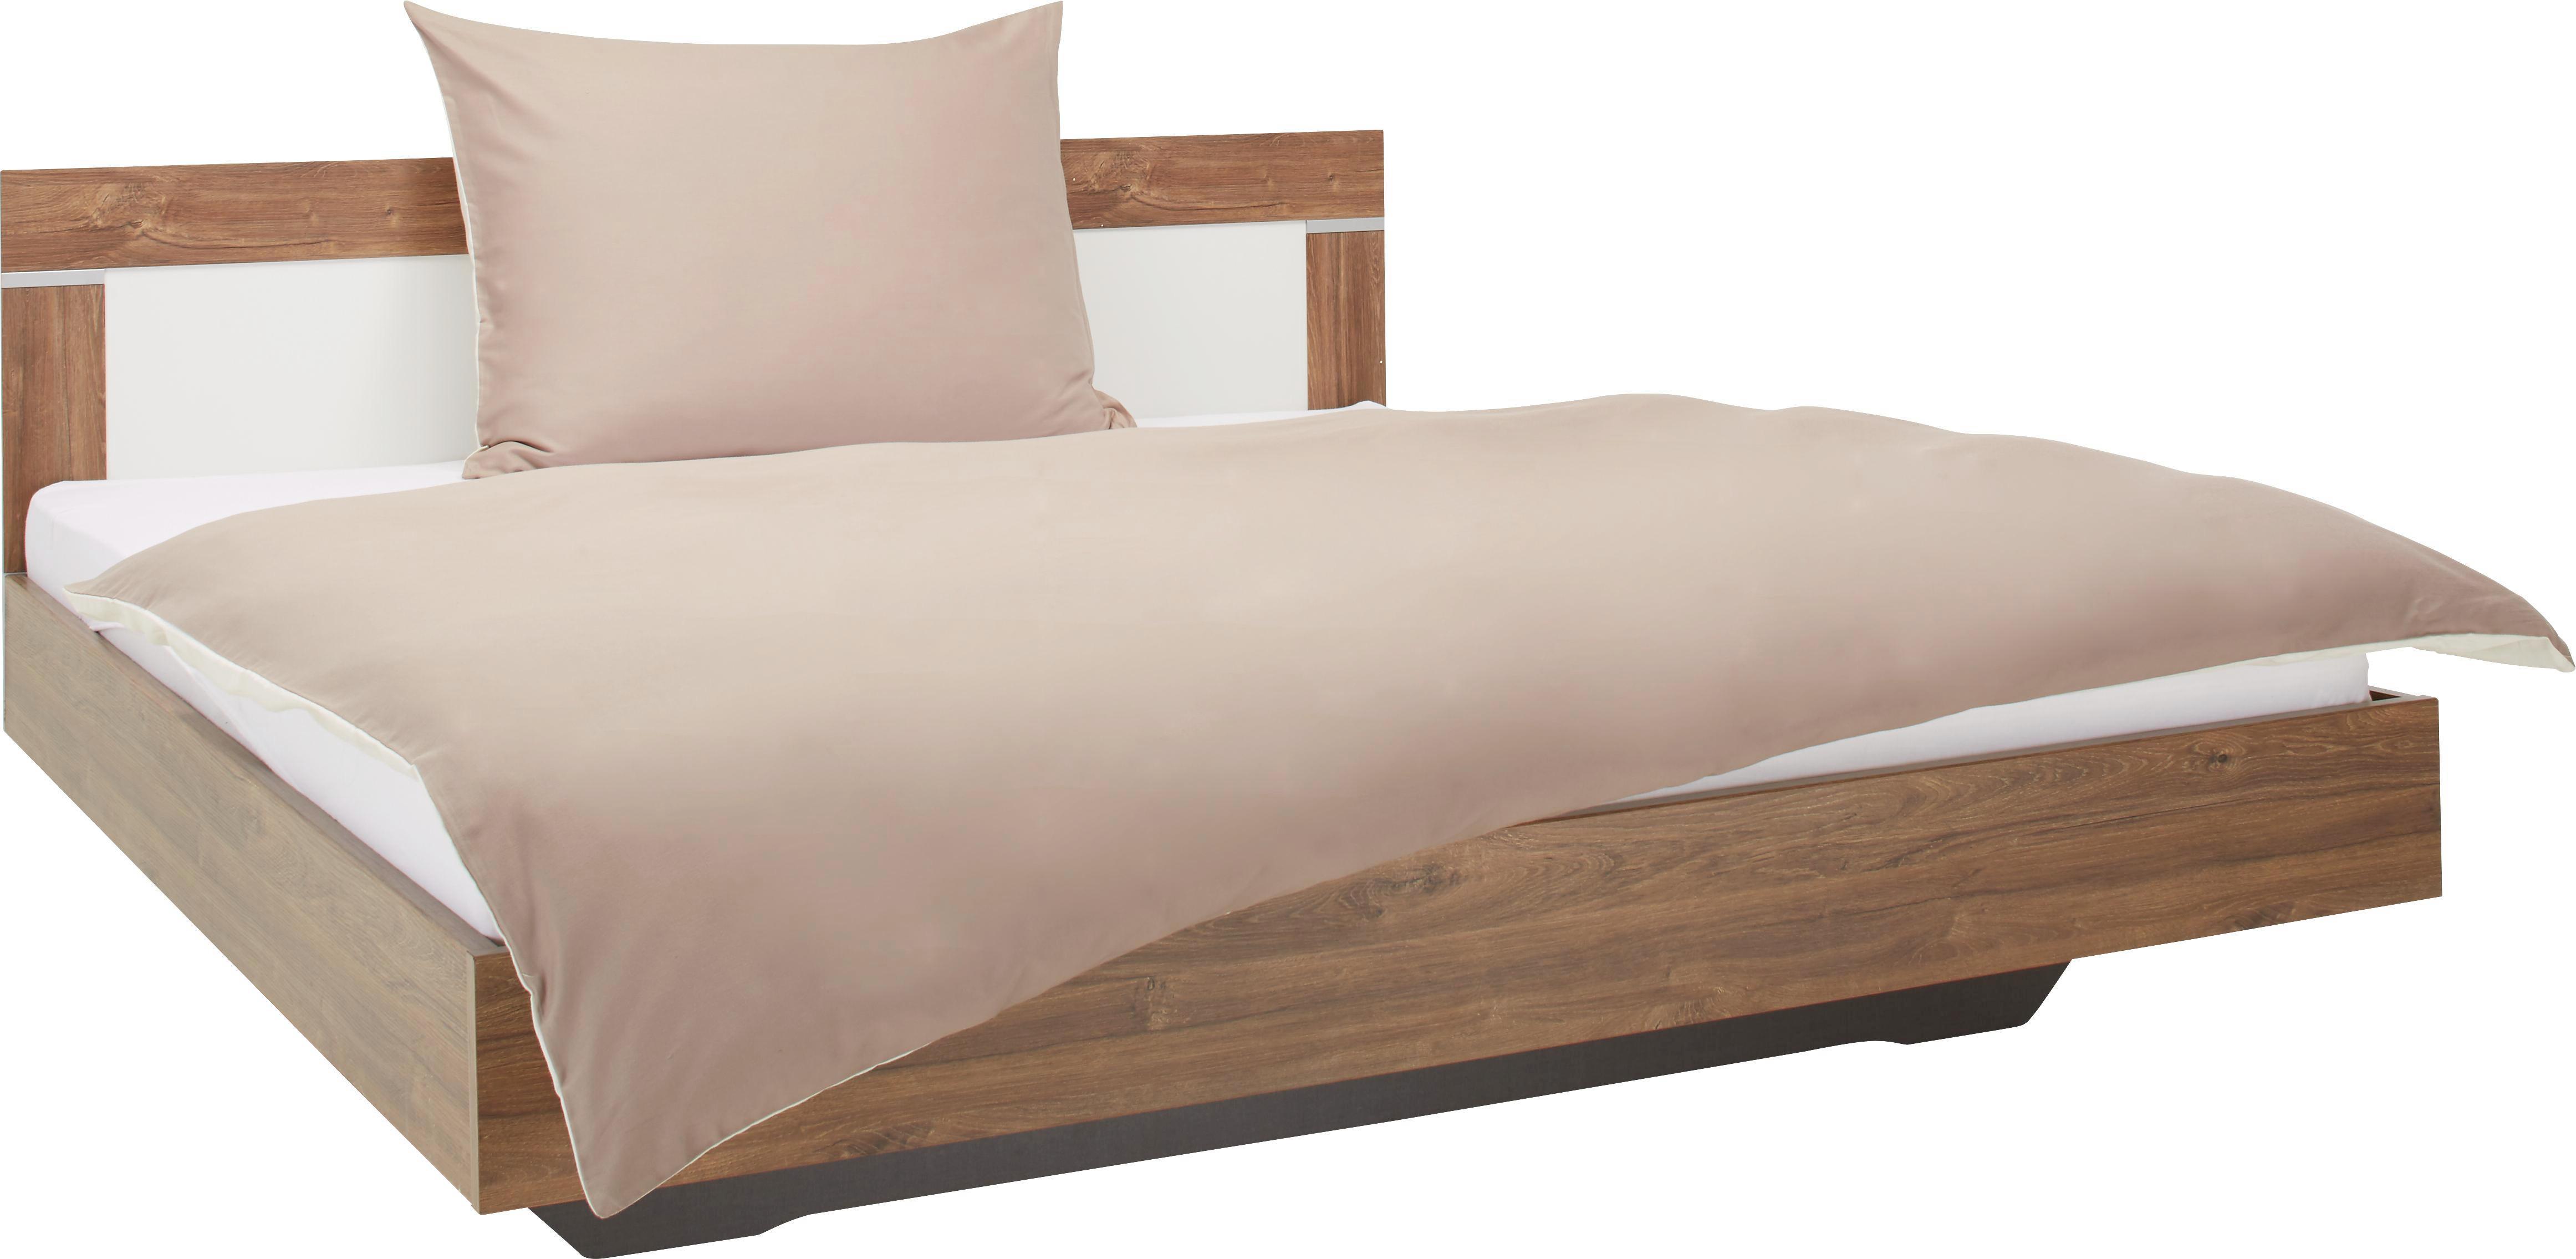 Ágykeret Venlo 180x200 Ágykeret - fehér/szürke, konvencionális, faanyagok (189/83/205cm) - BASED